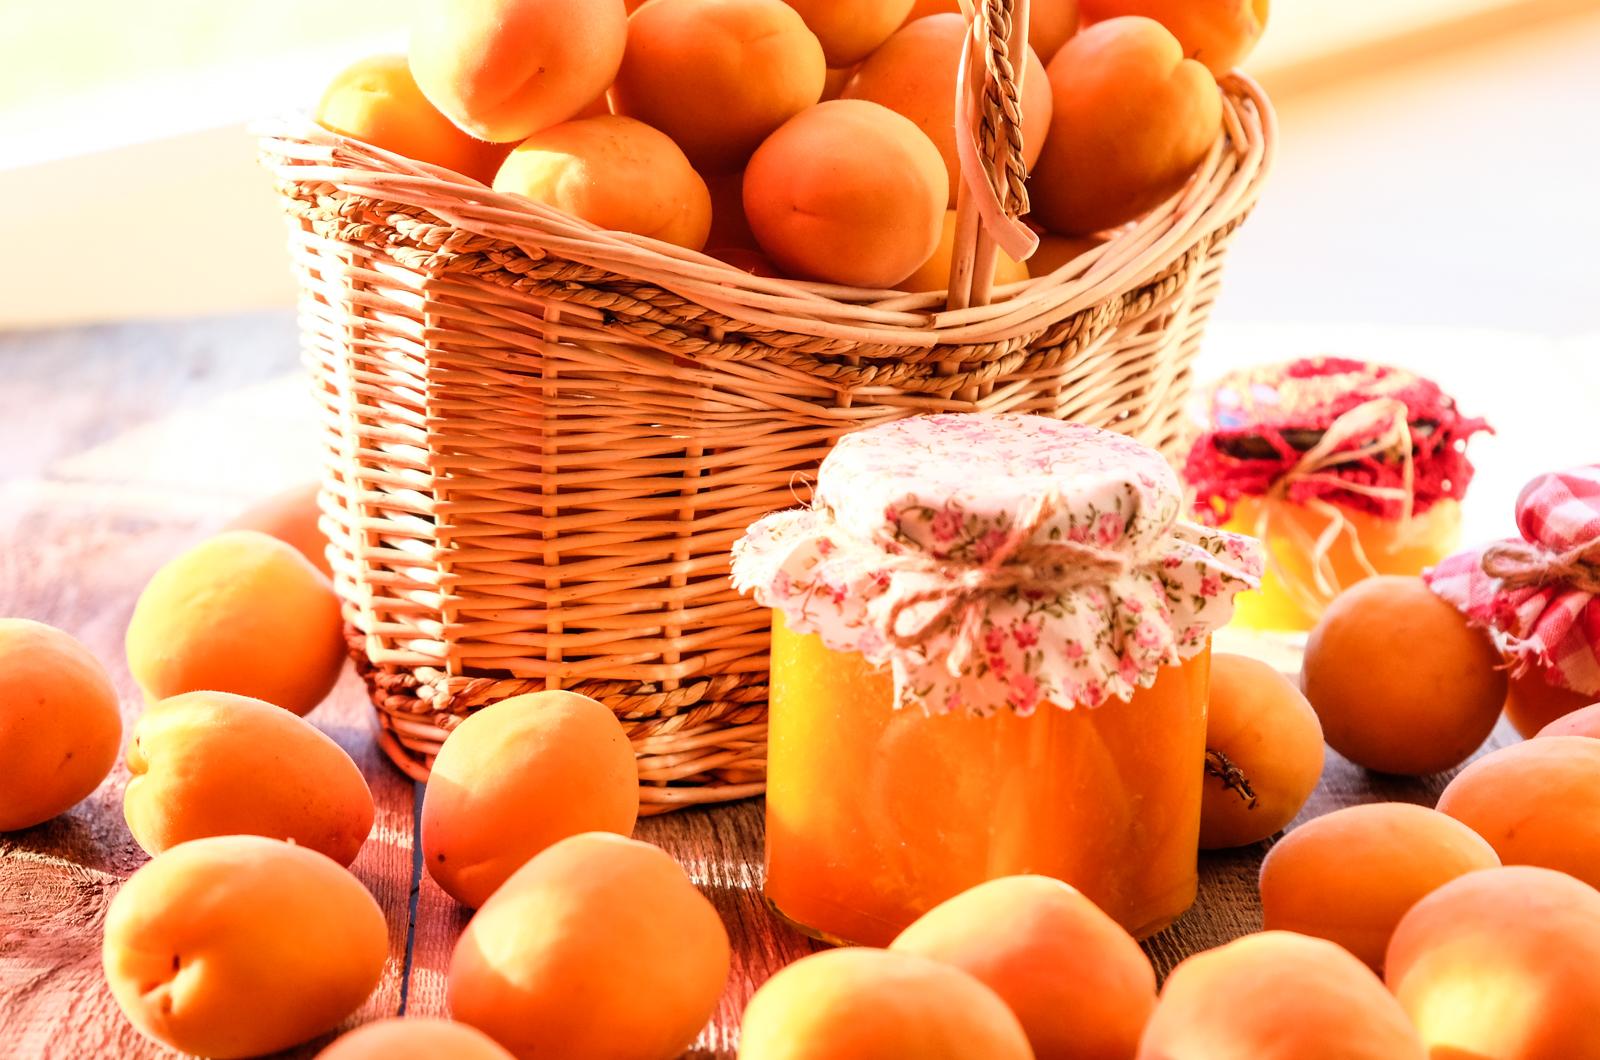 15cf84bd458 Poolita aprikoosid ning eemalda neist kivid. Lõika aprikoosid 4-6-ks tükiks  ning pane tükid potti. Lisa potti kohe ka suhkur ning kuumuta pliidil, ...